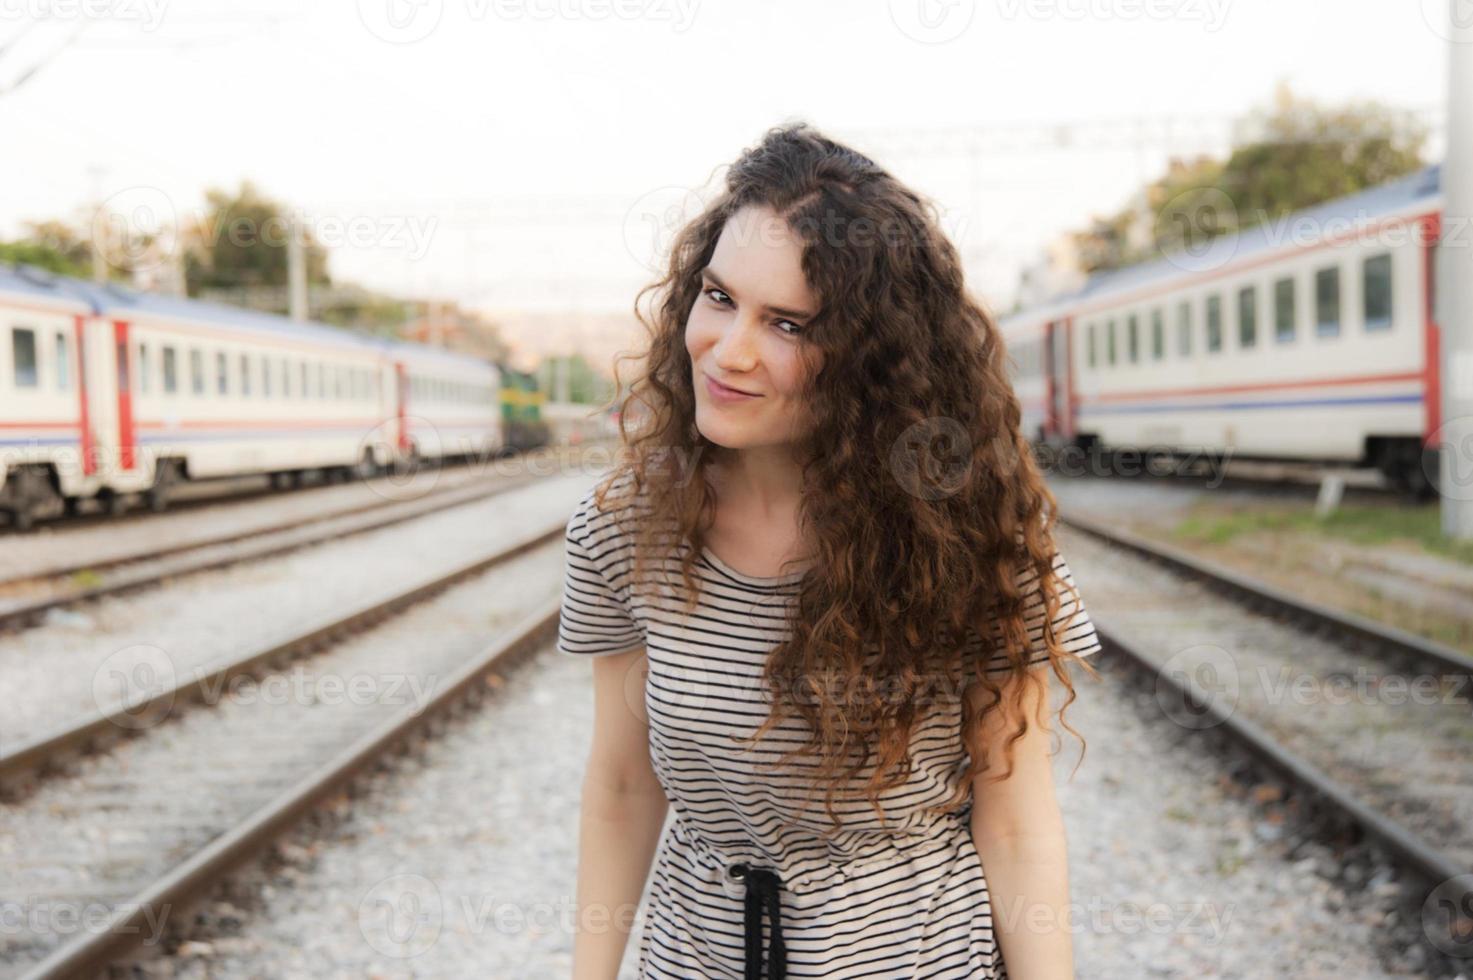 niña en una estación de tren foto